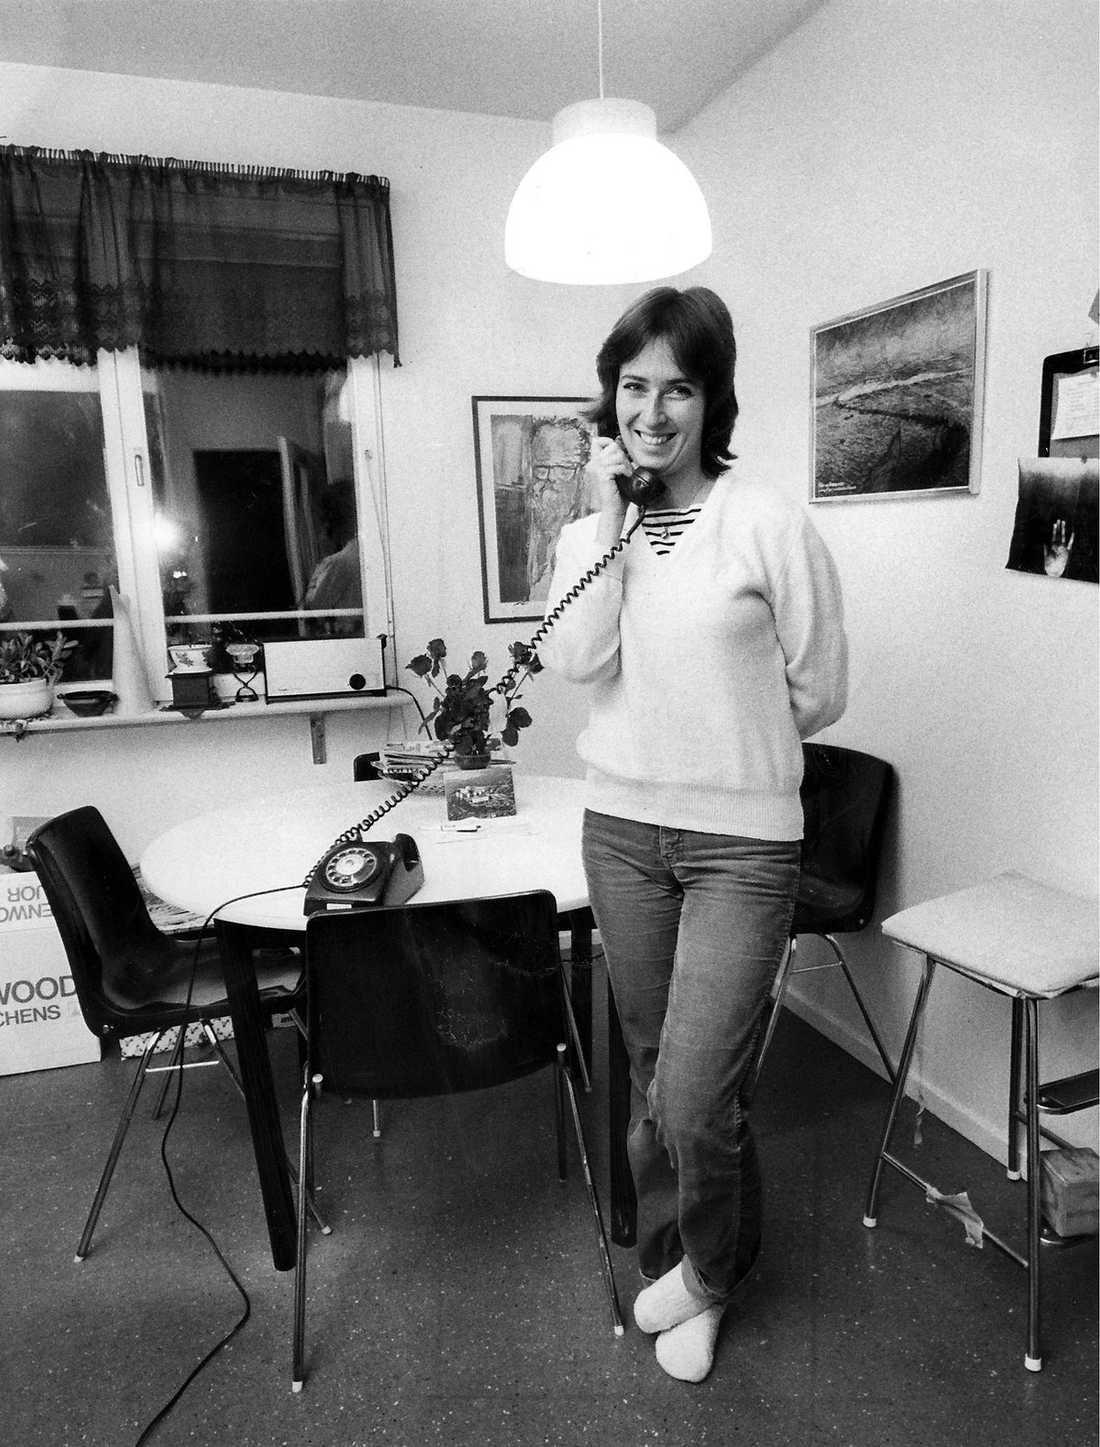 tidigt röd 1982 blev Mona Sahlin den yngsta som valts in i riksdagen, då 25 år gammal.